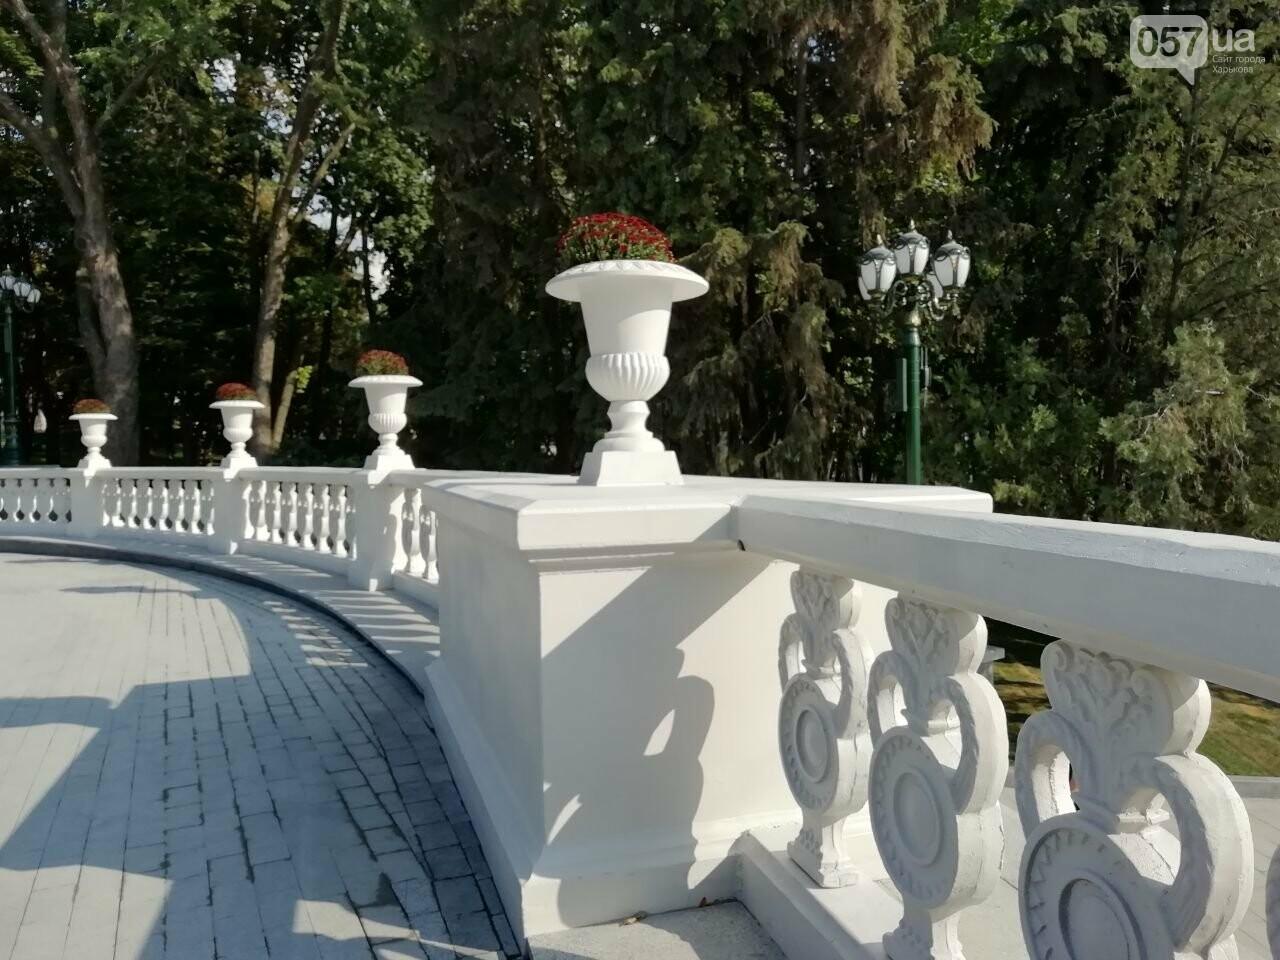 В центре Харькова появился новый фонтан и «Каскад» после реконструкции, - ФОТО, фото-17